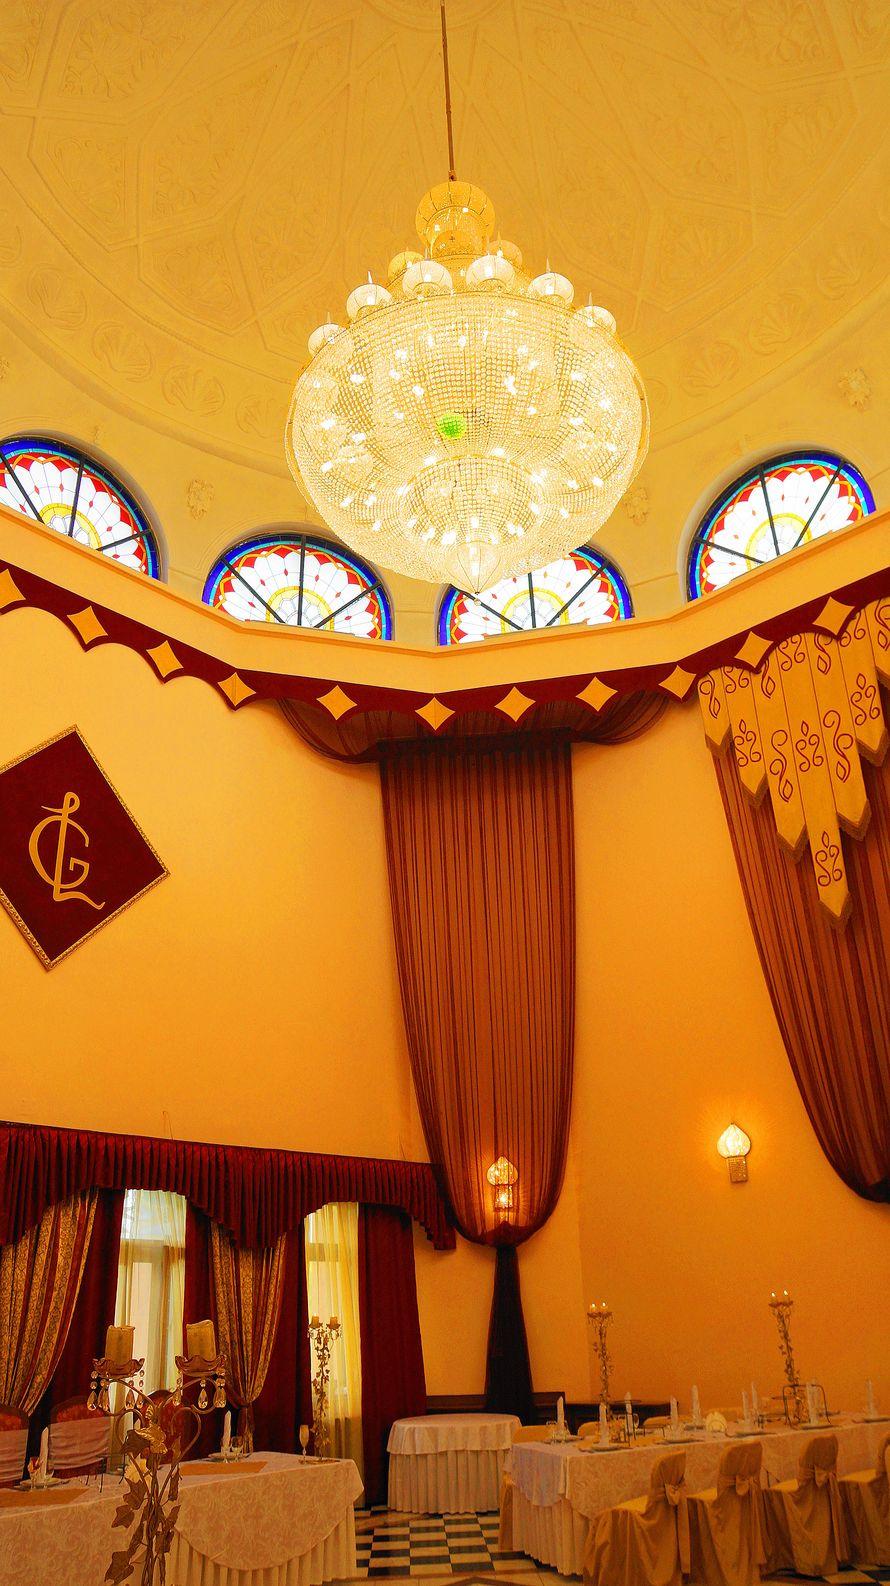 Фото 3833523 в коллекции Хрустальный - Ресторан Али